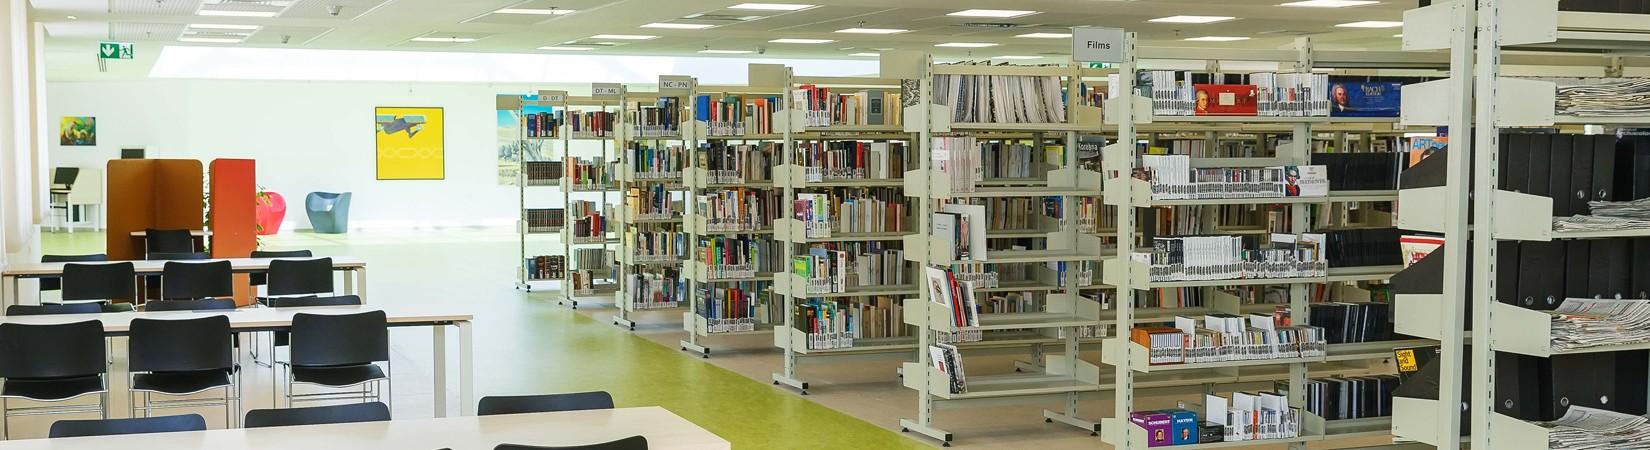 افتتاح مبنى المكتبة والوسائط المتعددة